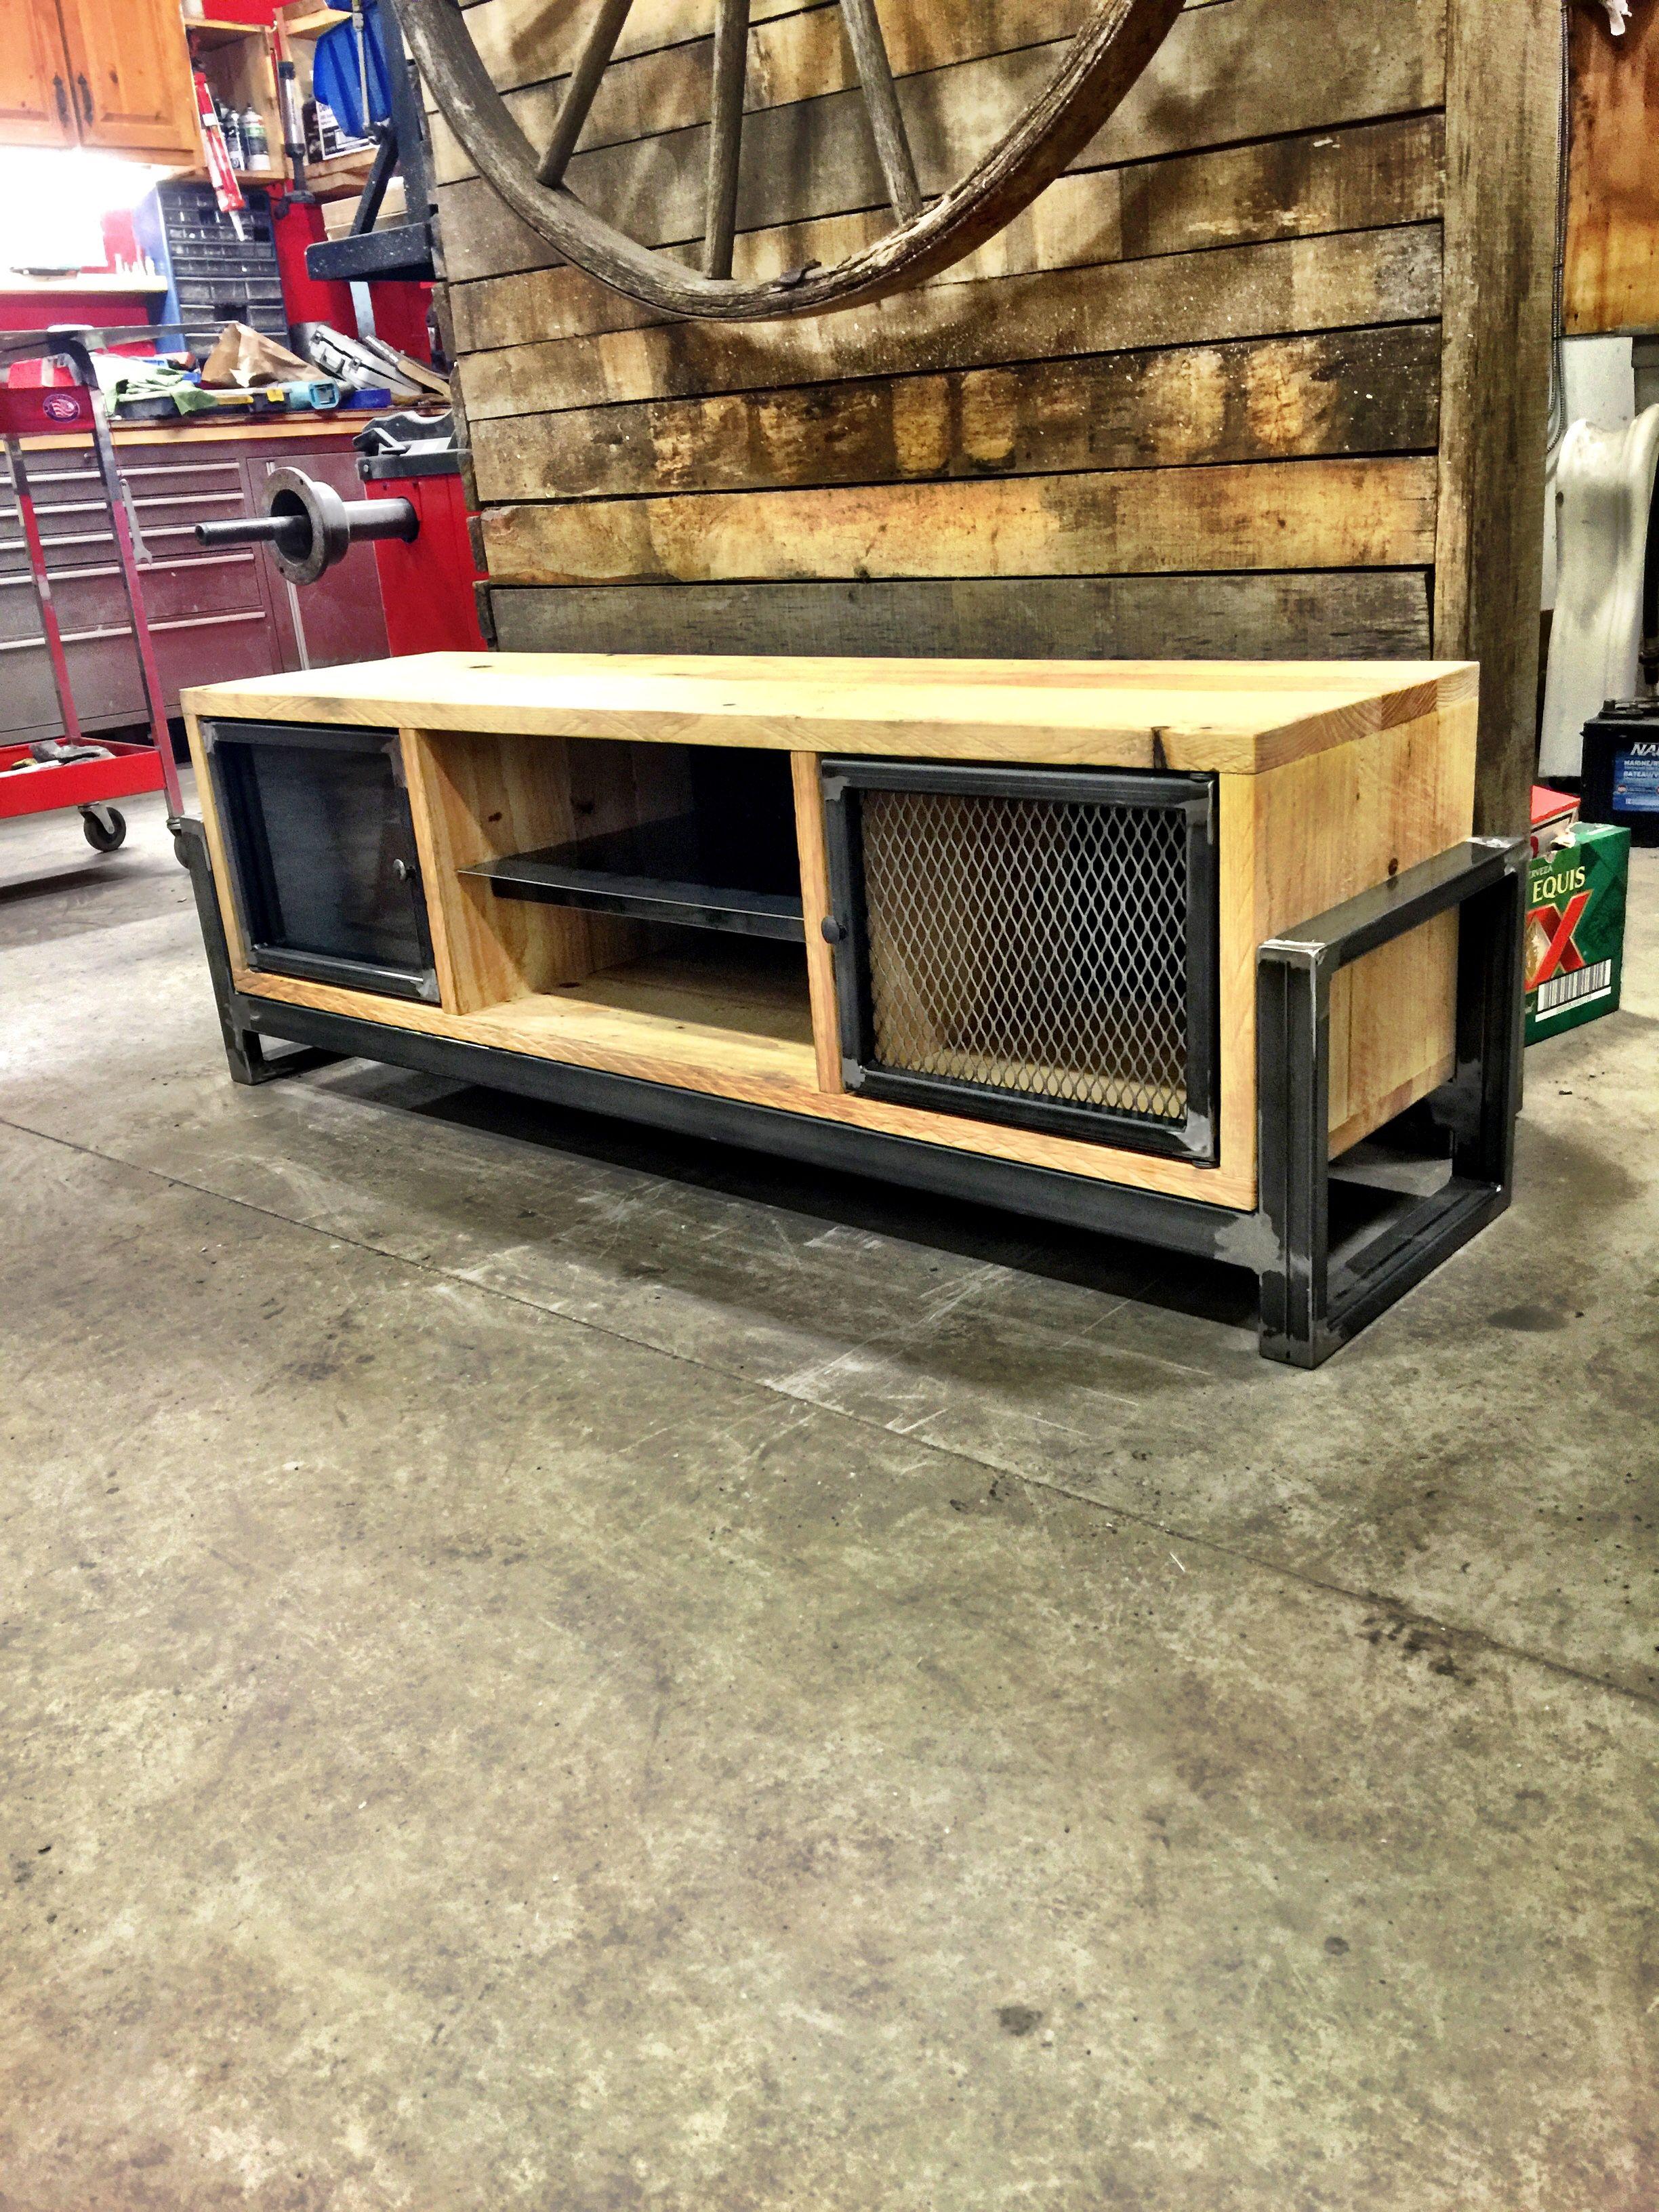 Pin de lecter castillo en tips muebles muebles for Muebles industriales metal baratos